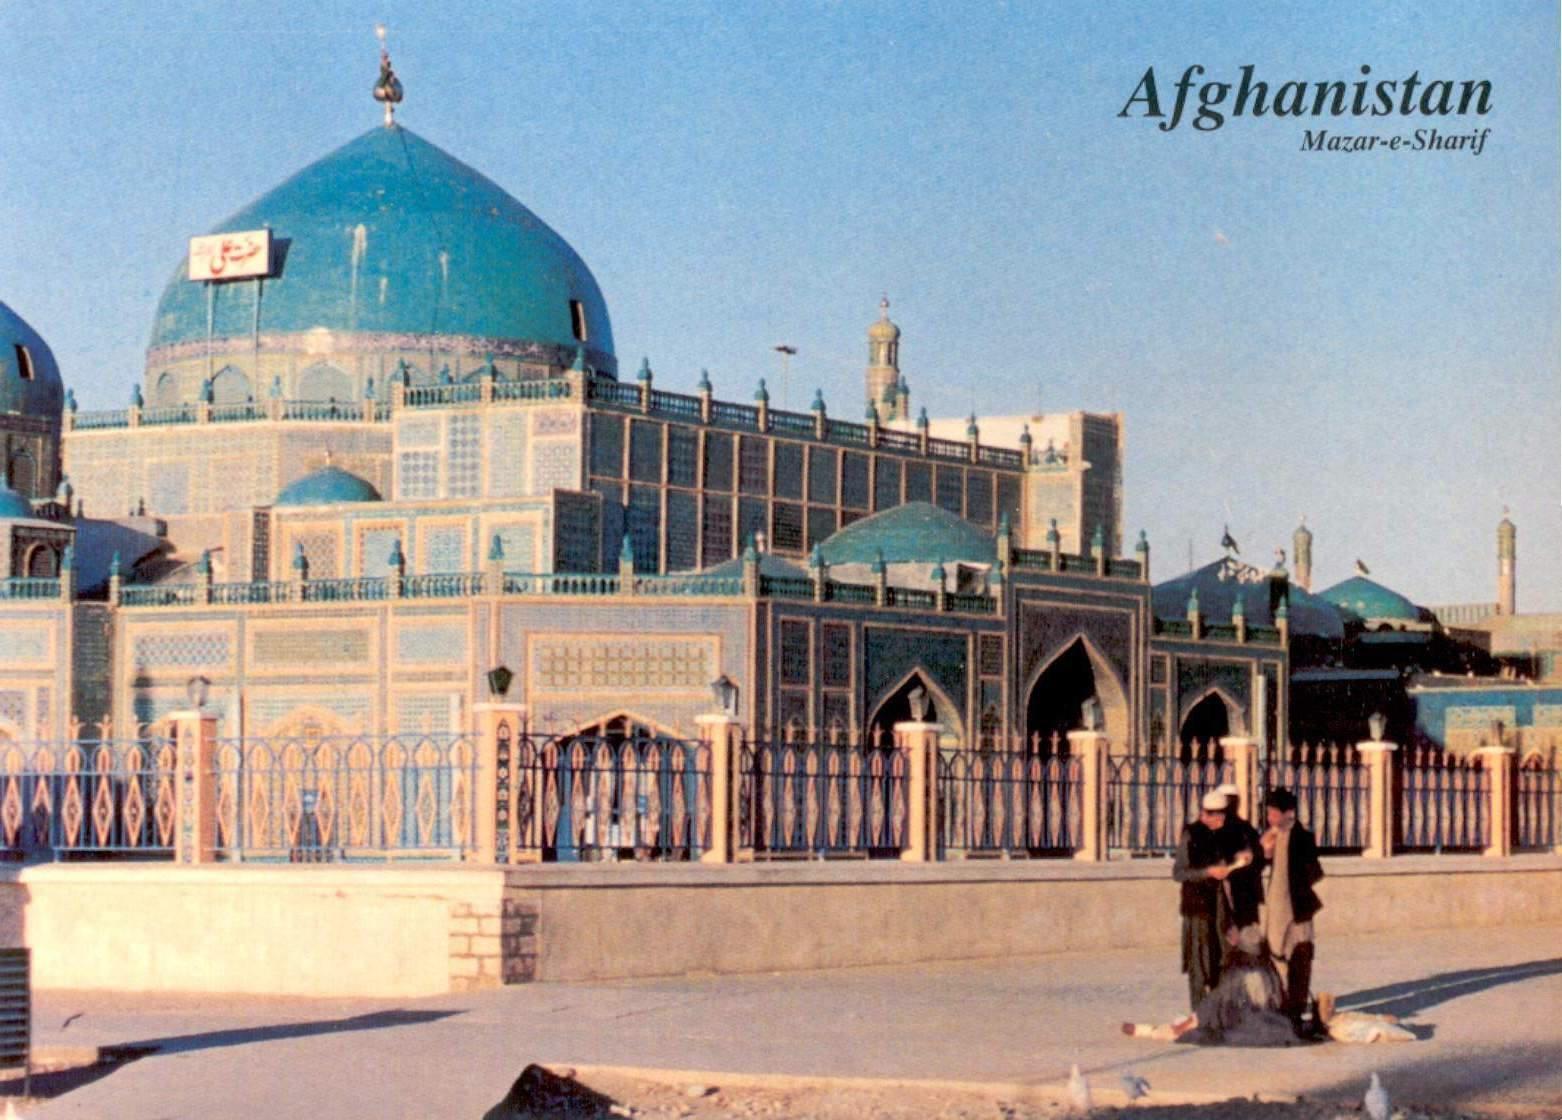 Der himmel ist ein taschenspieler afghanistan